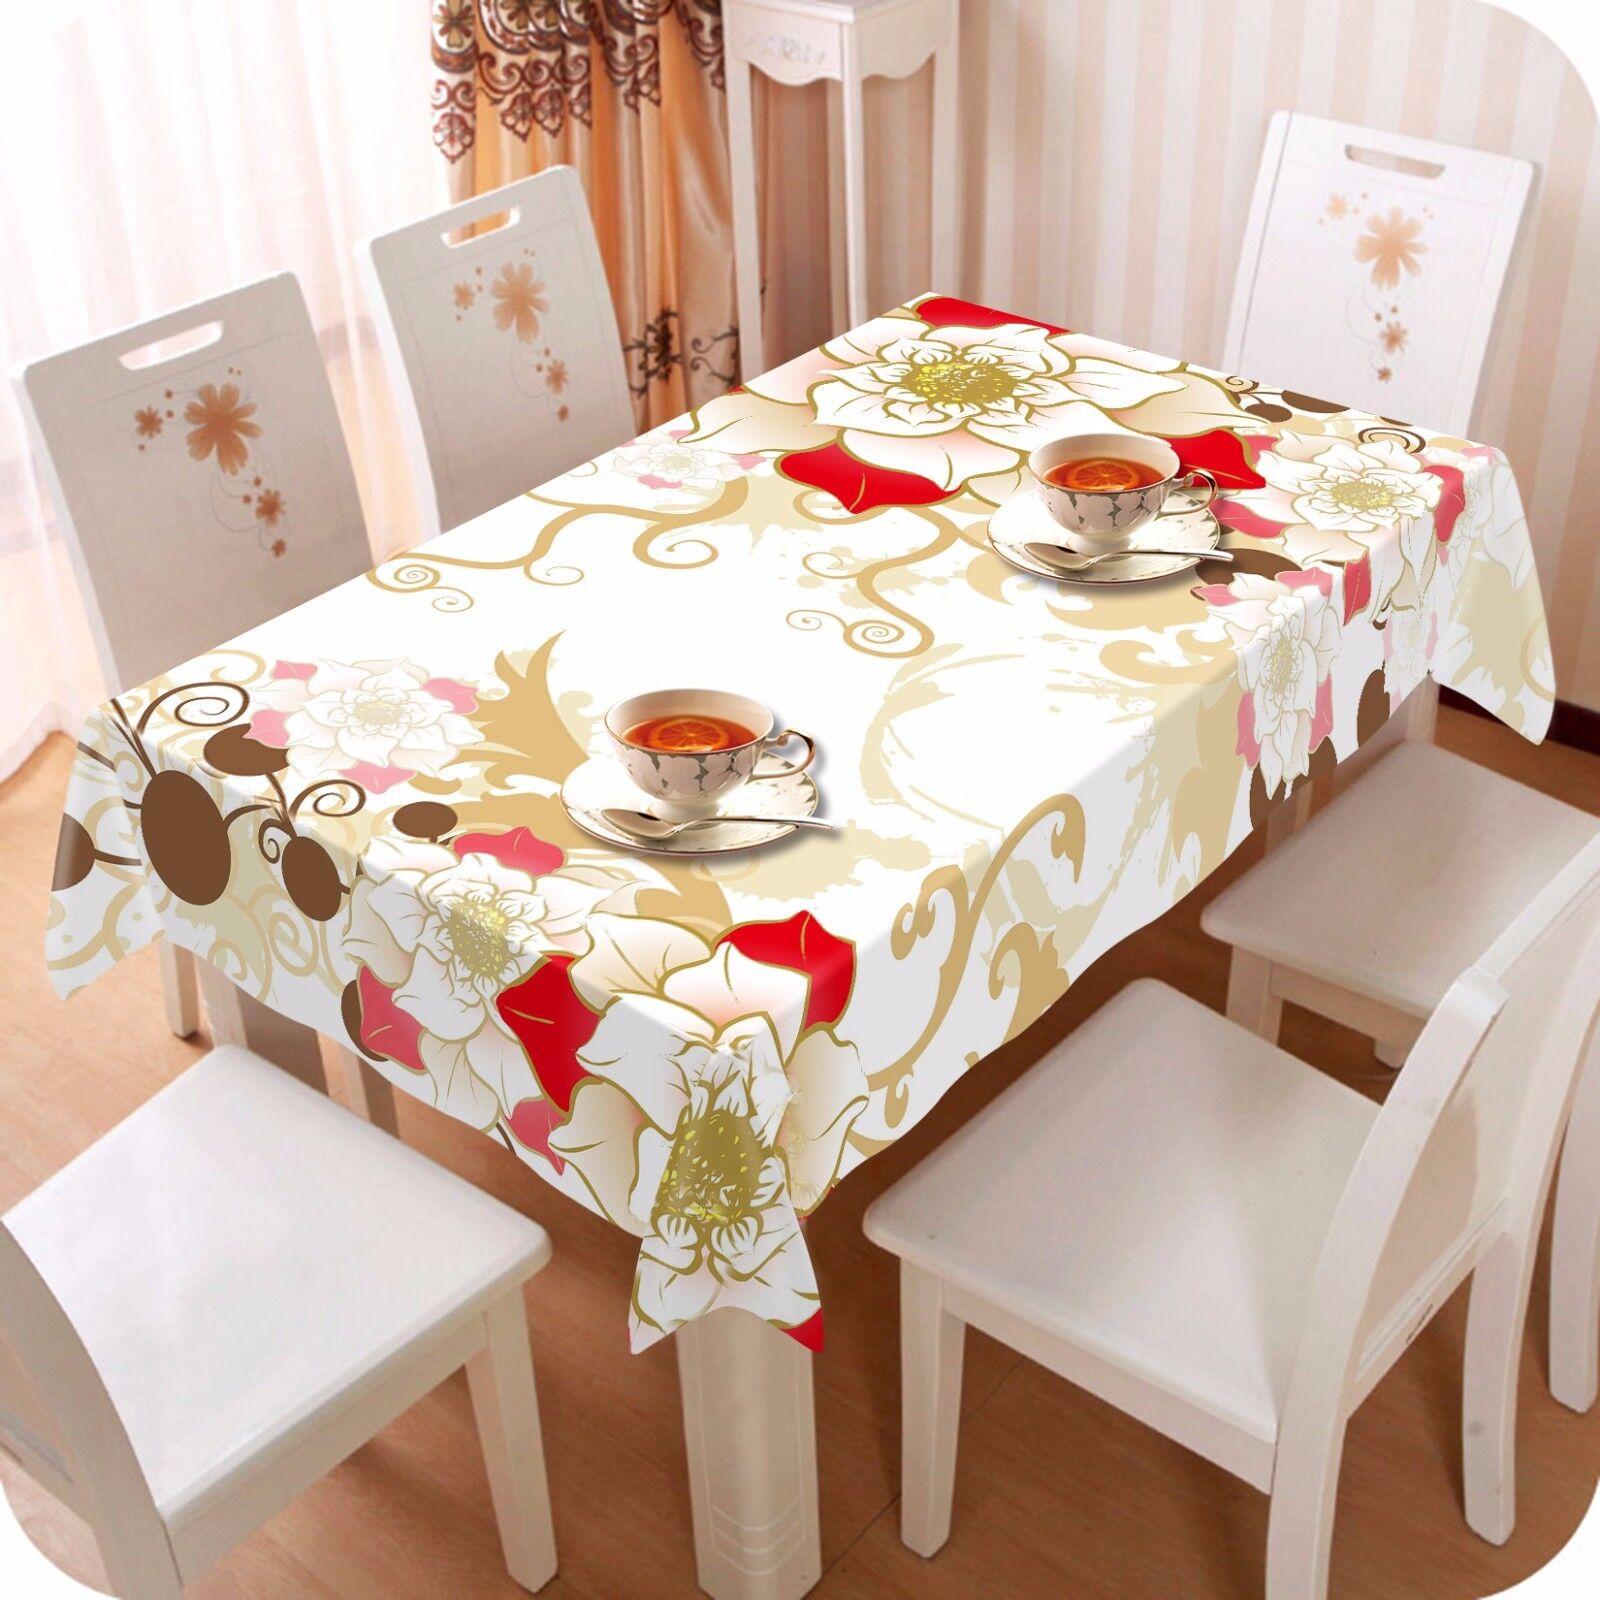 3D pétale 41 Nappe Table Cover Cloth fête d'anniversaire AJ papier peint Royaume-Uni Citron